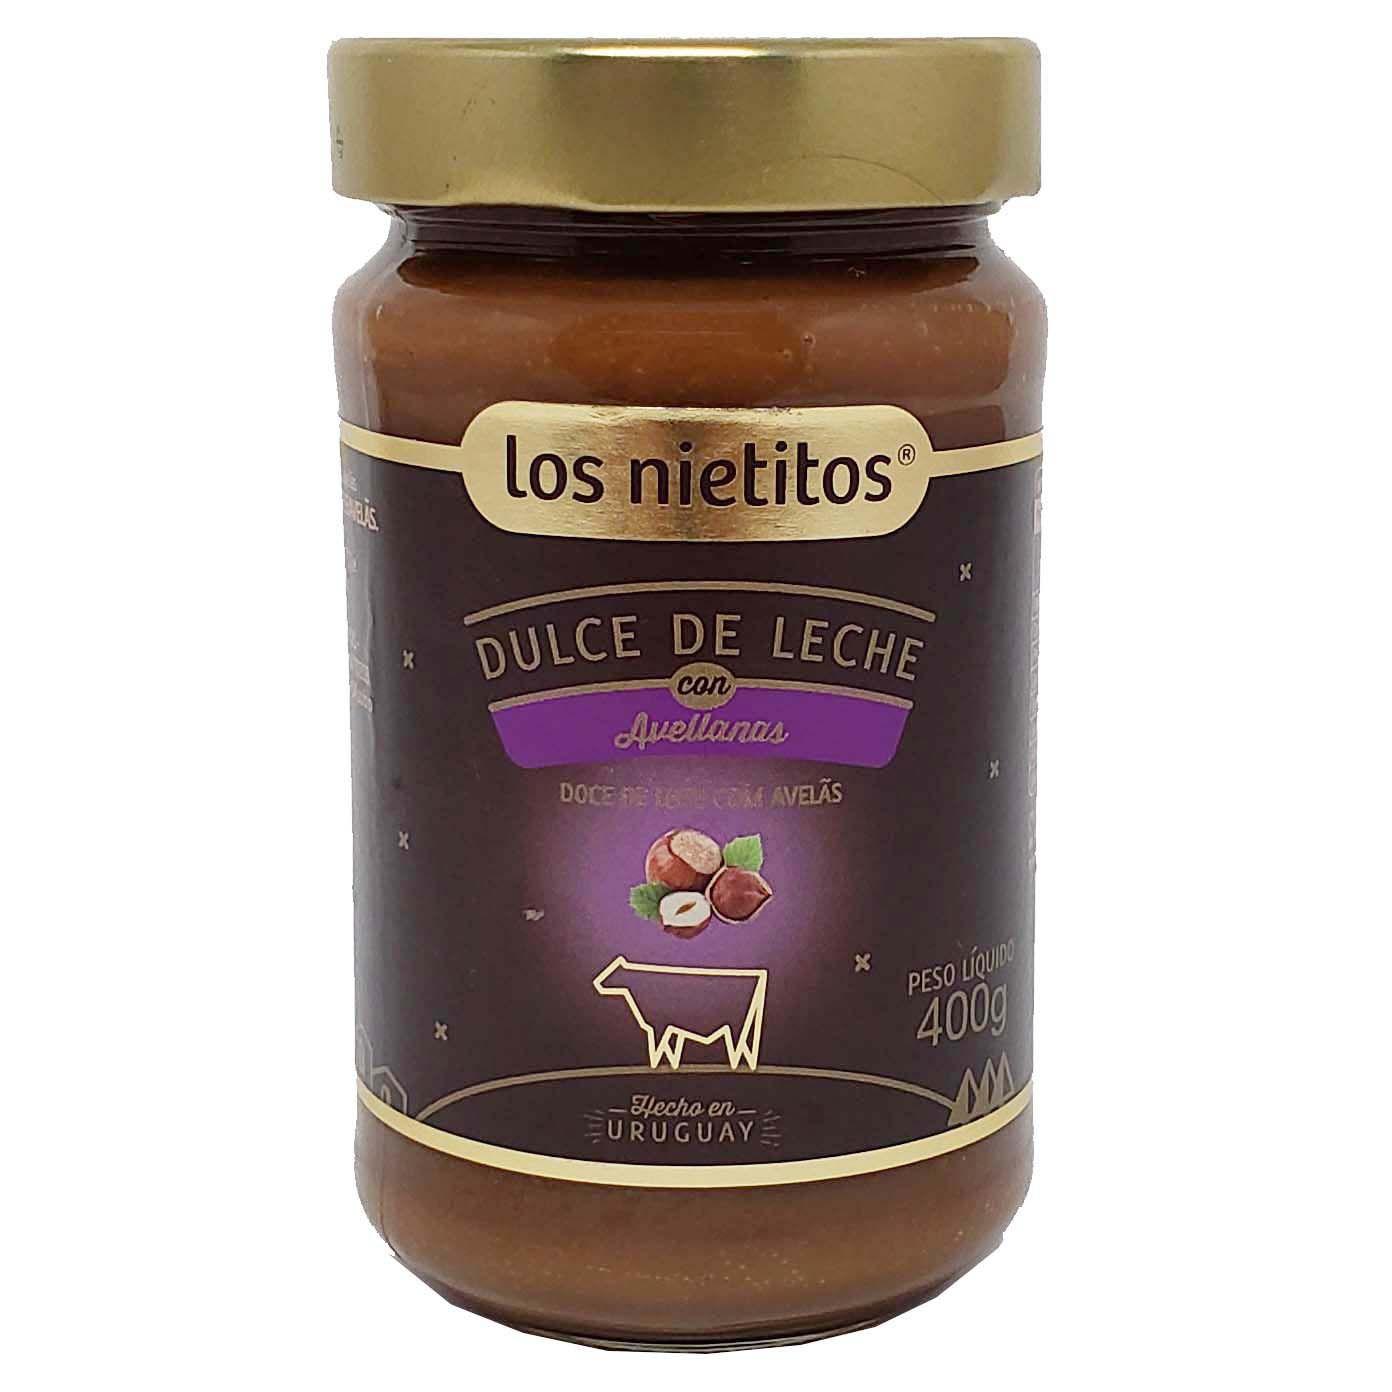 Doce de Leite Com Avelãs Los Nietitos - 400g -